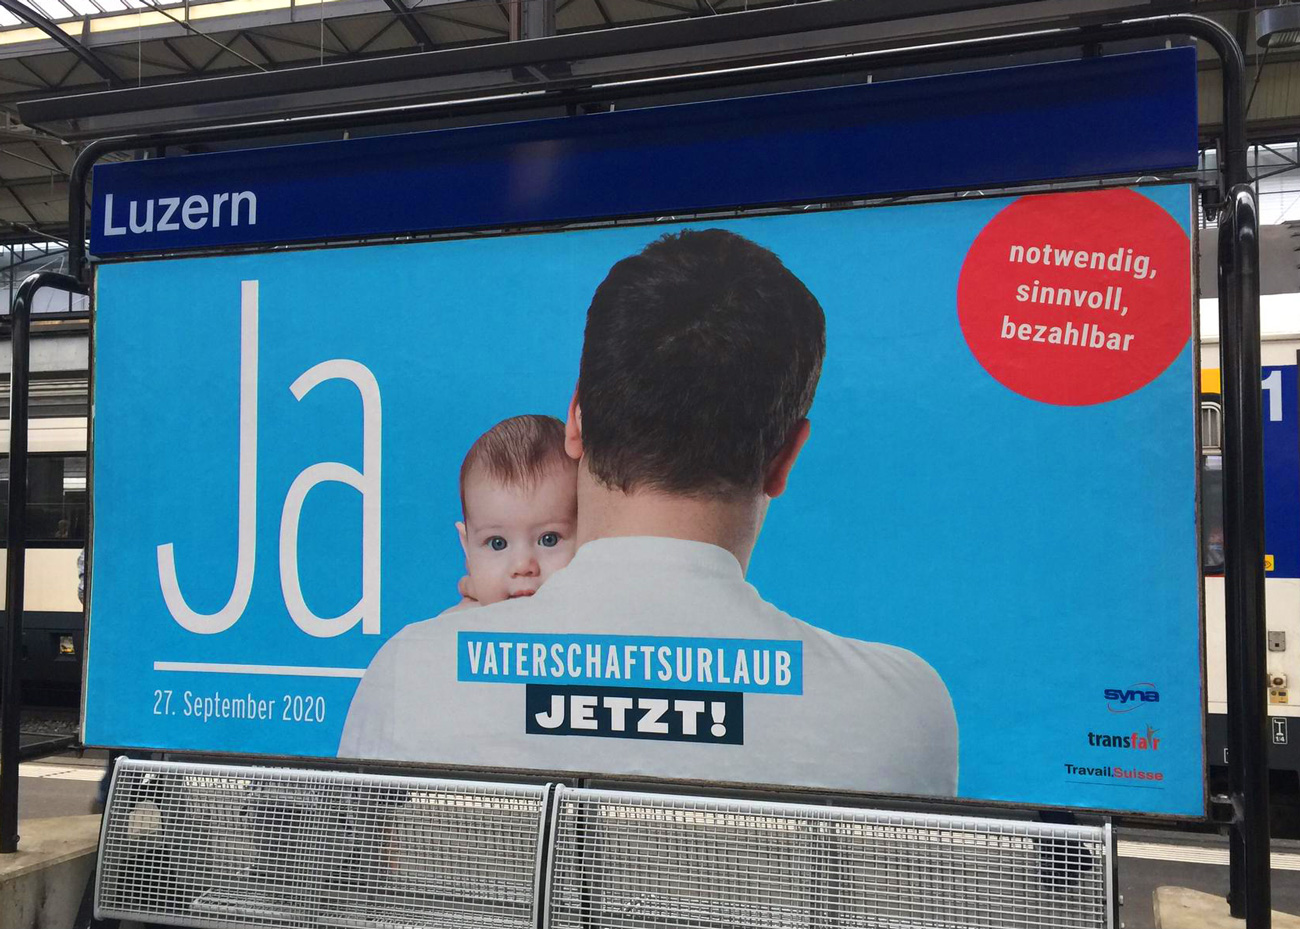 Vaterschaftsurlaub_jetzt_Plakat_Luzern